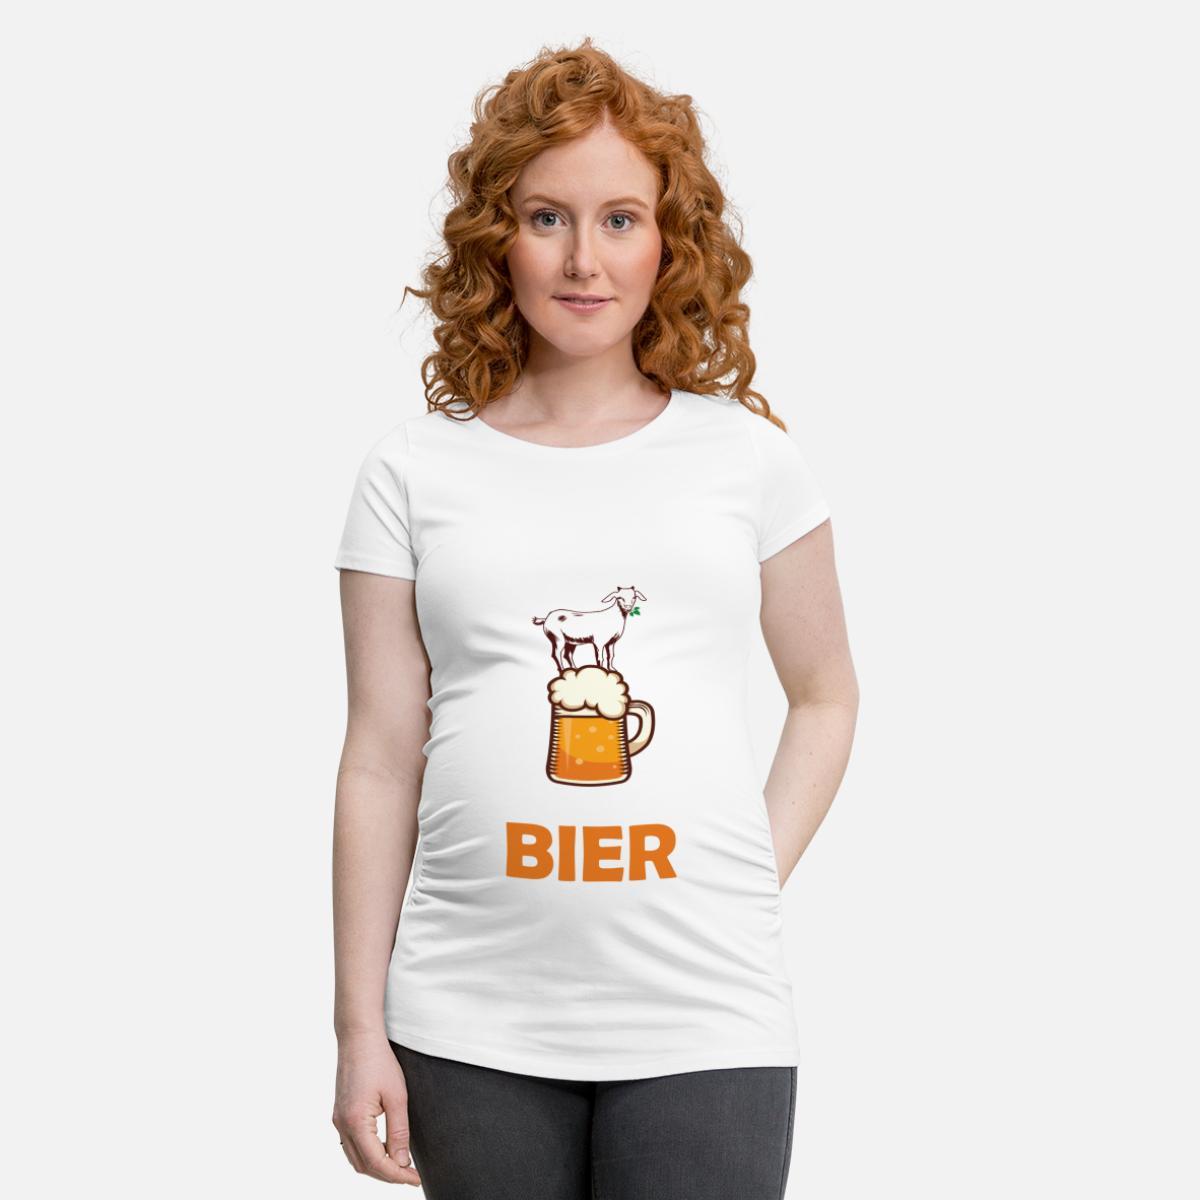 Lustiger Bier Spruch